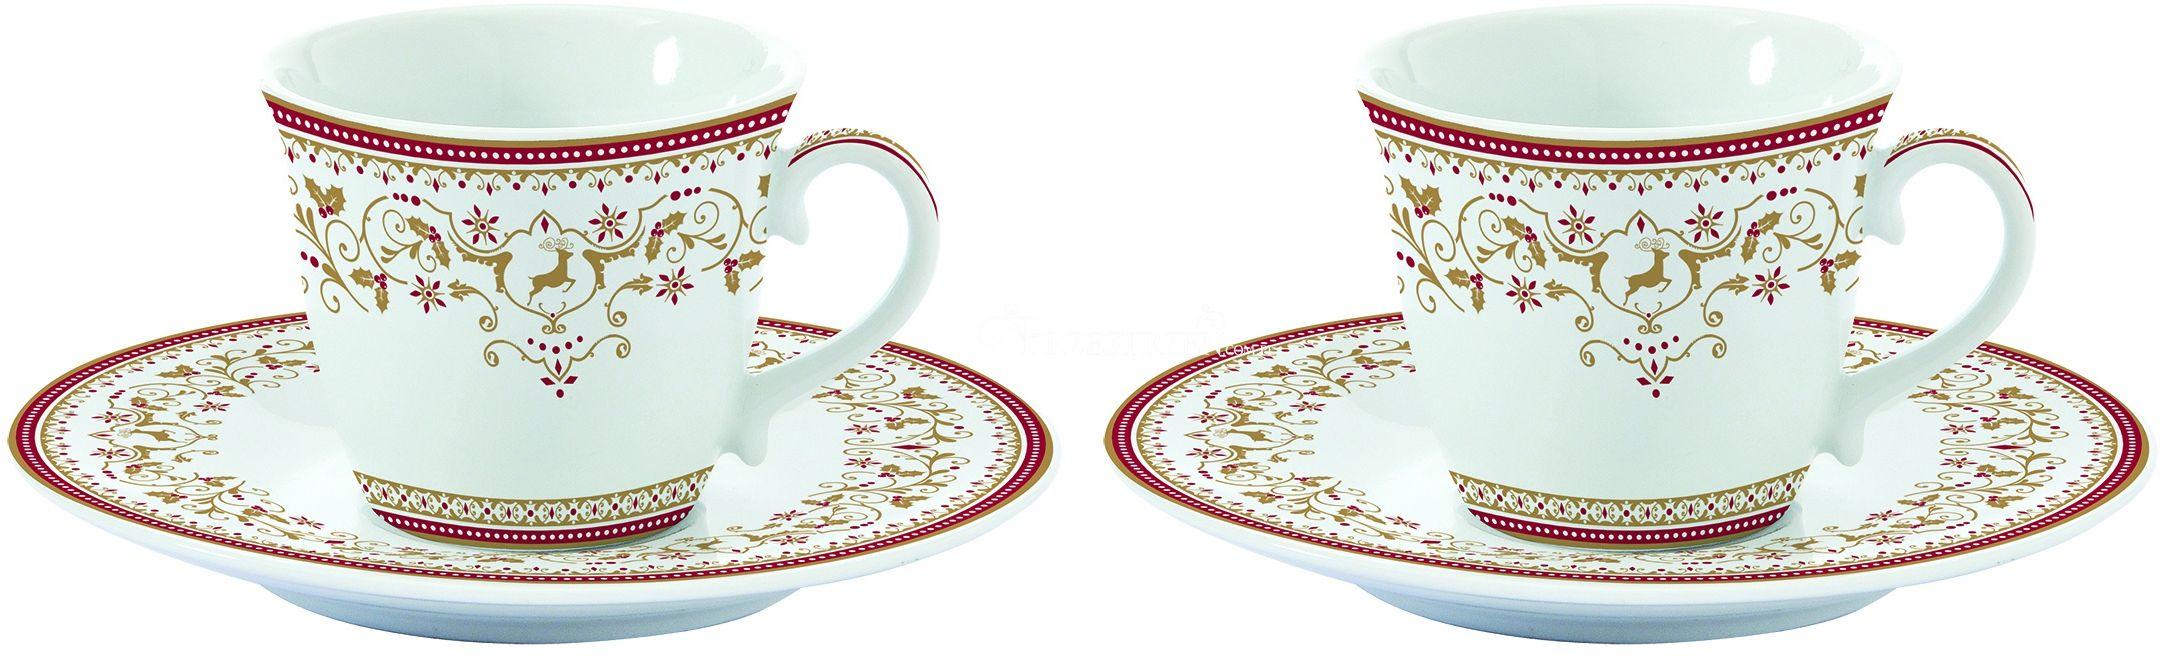 FILIŻANKI PORCELANOWE DO ESPRESSO - Świąteczne Ornamenty - 1107 WICA - Nuova R2S